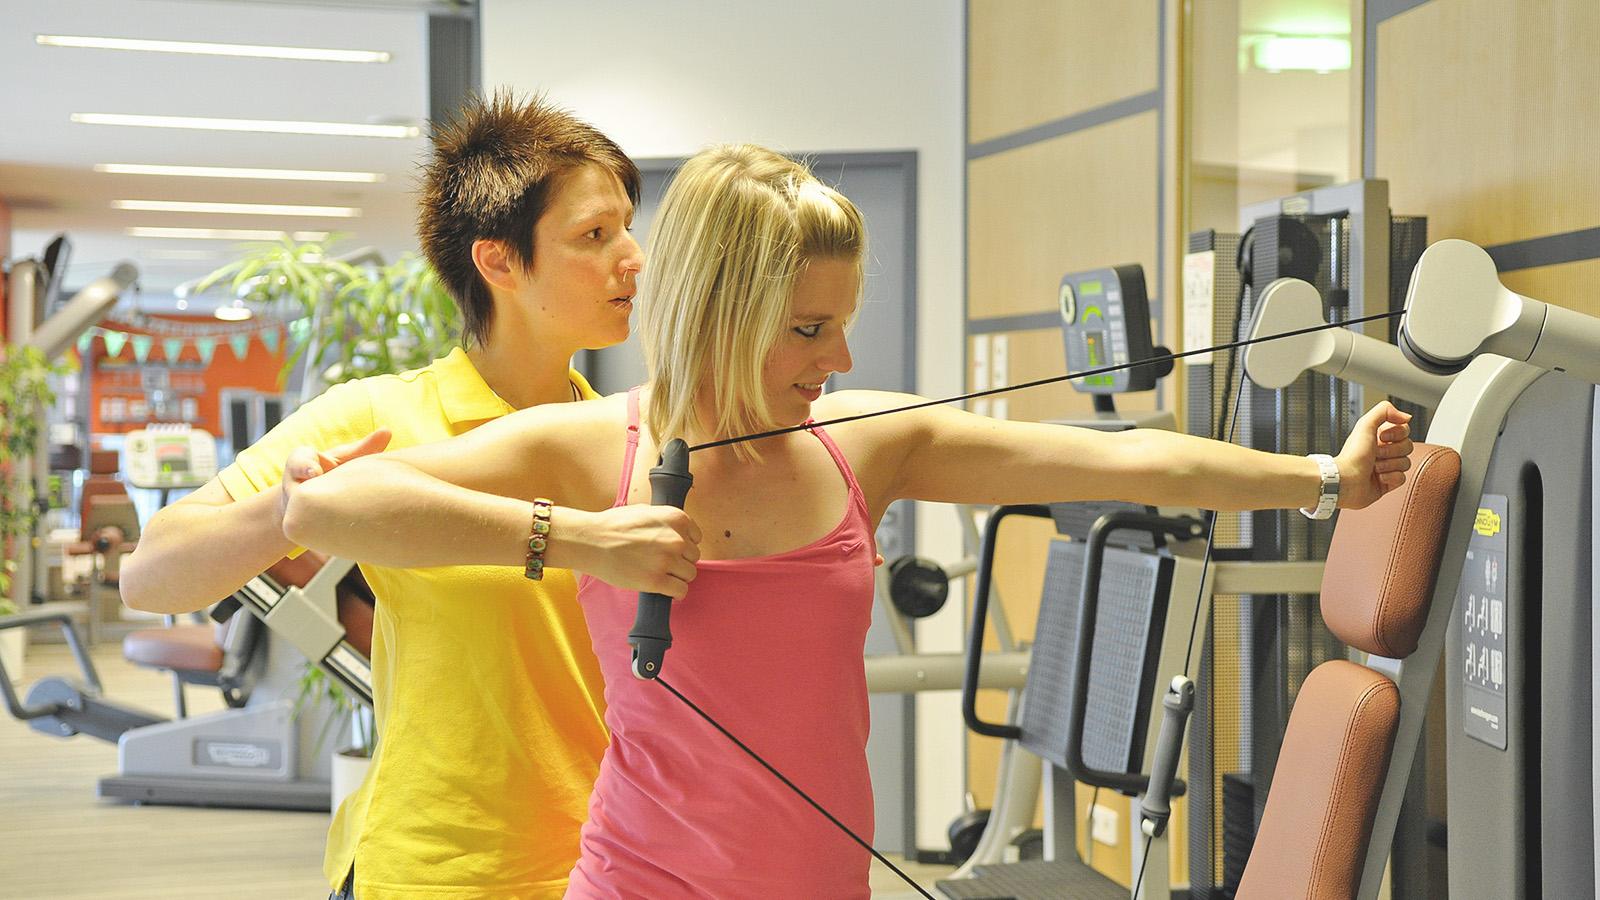 Fitnesstraining